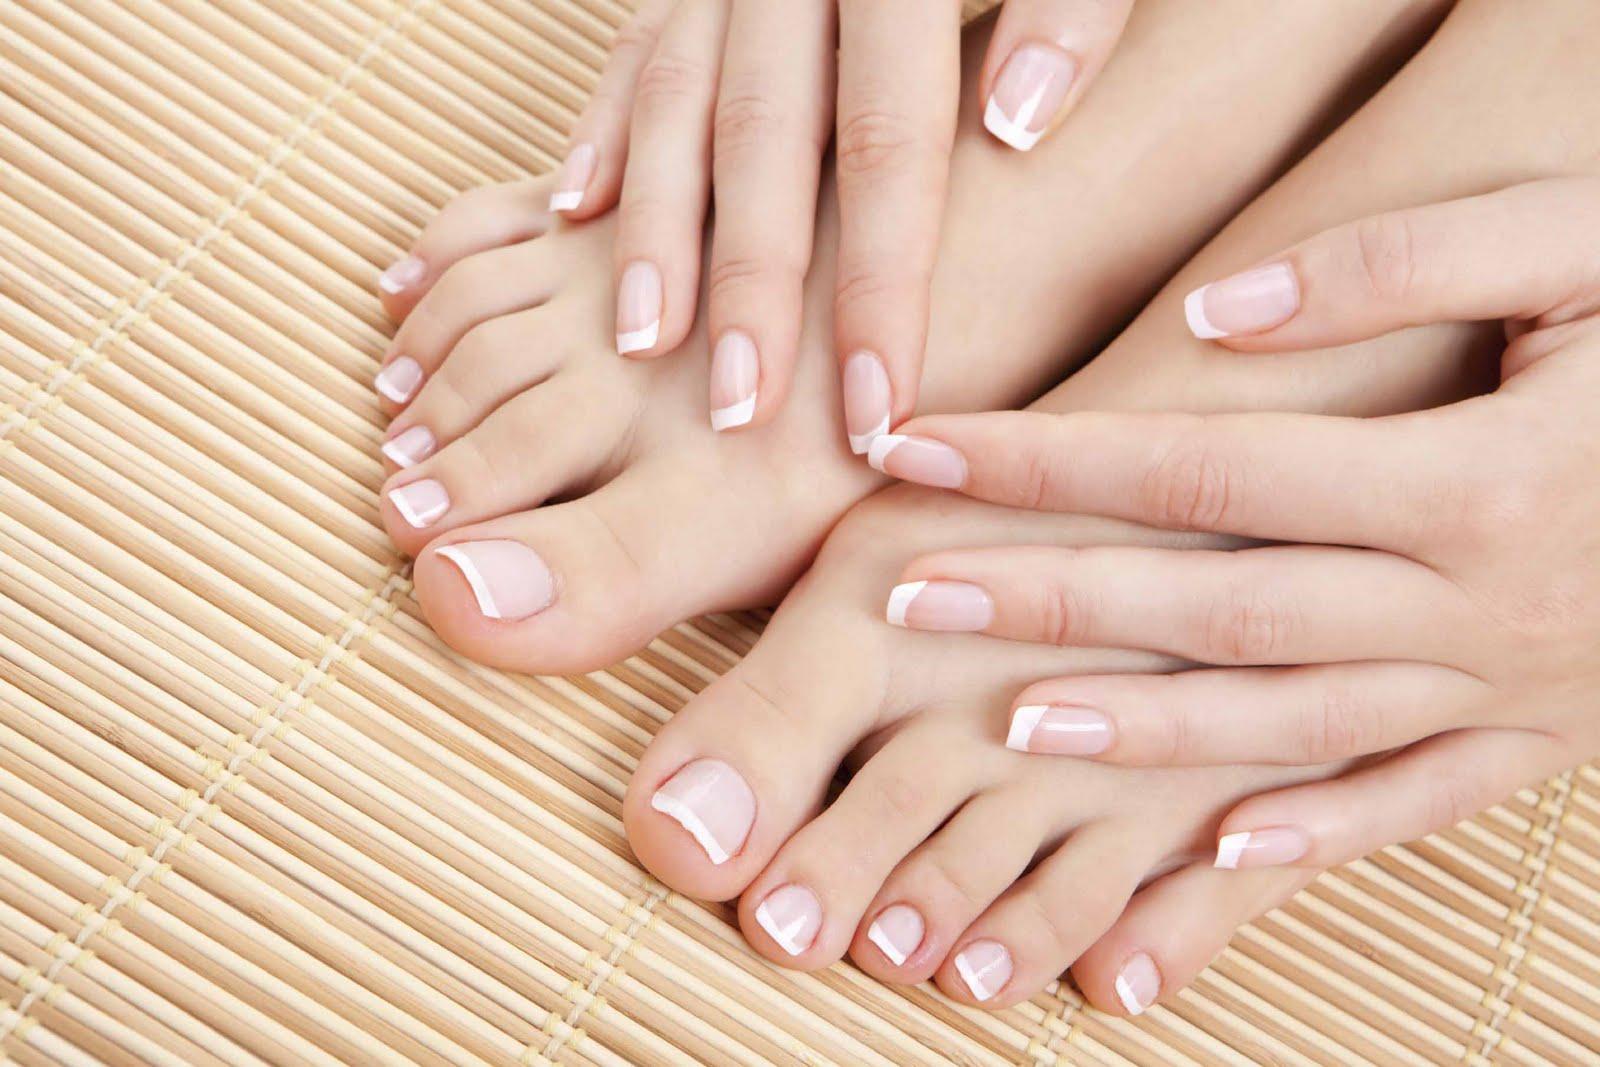 Remedios caseros: Piel seca en los pies